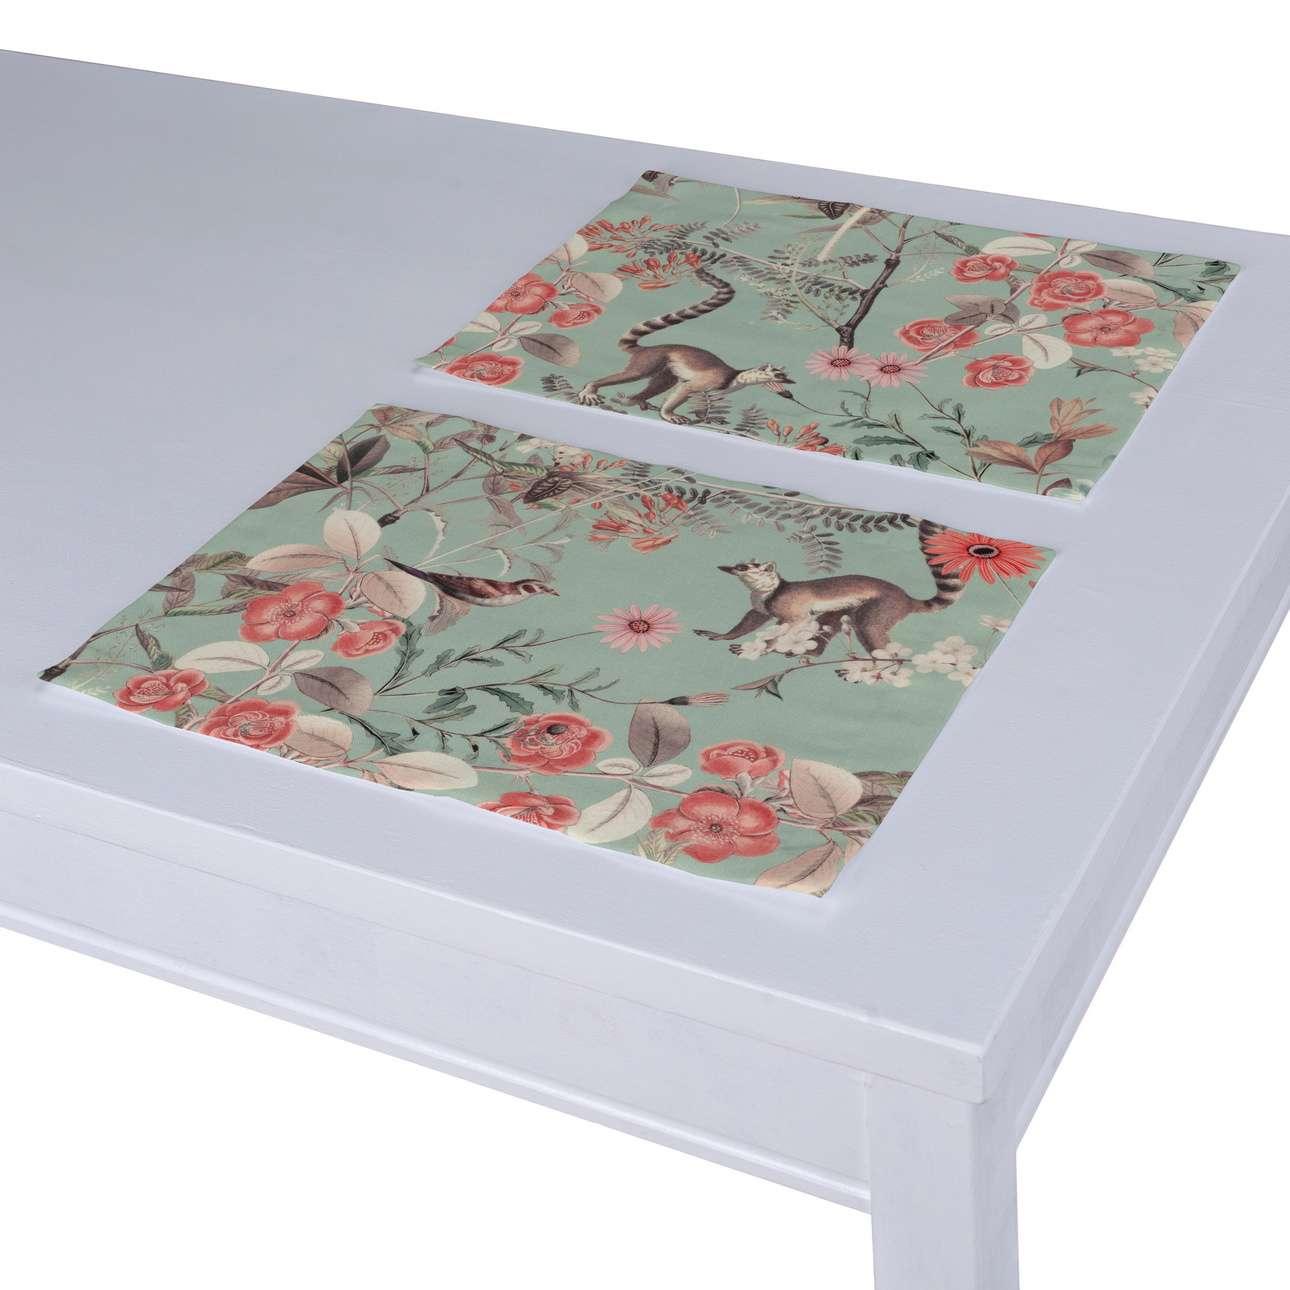 Tischset 2 Stck. von der Kollektion Tropical Island, Stoff: 142-62